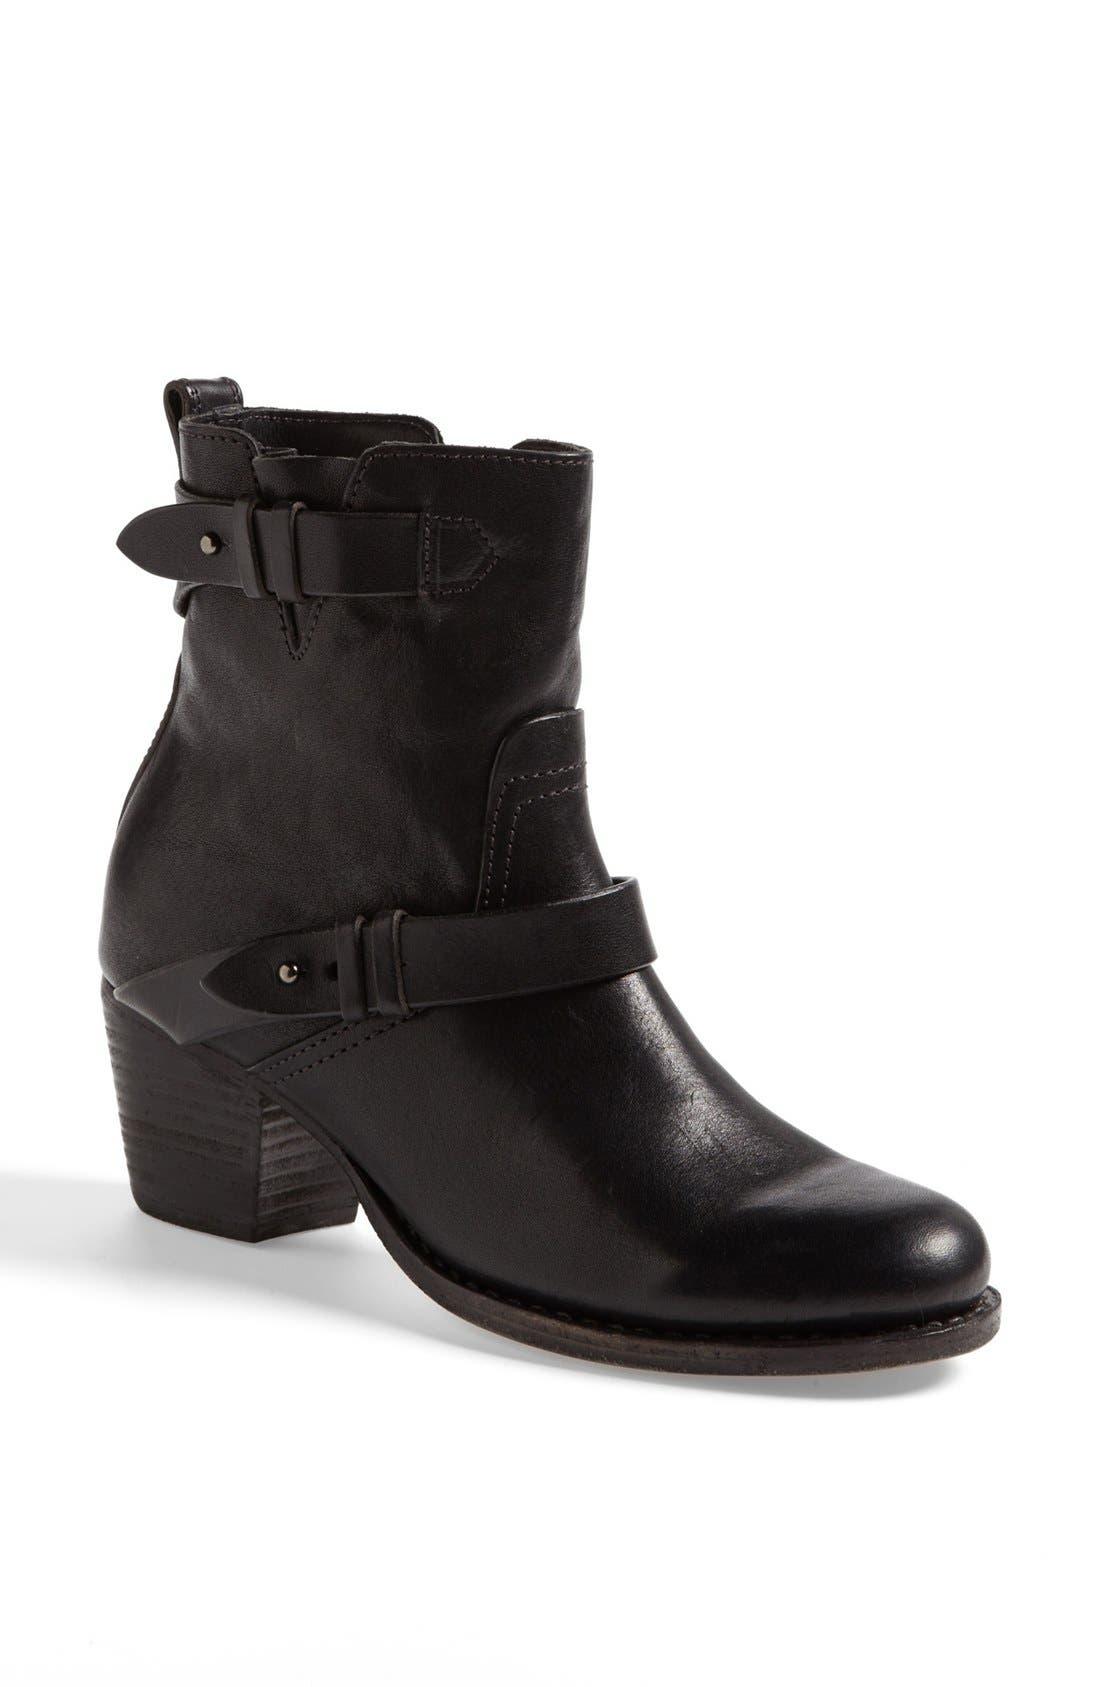 Alternate Image 1 Selected - rag & bone 'Harper' Boot (Online Only)